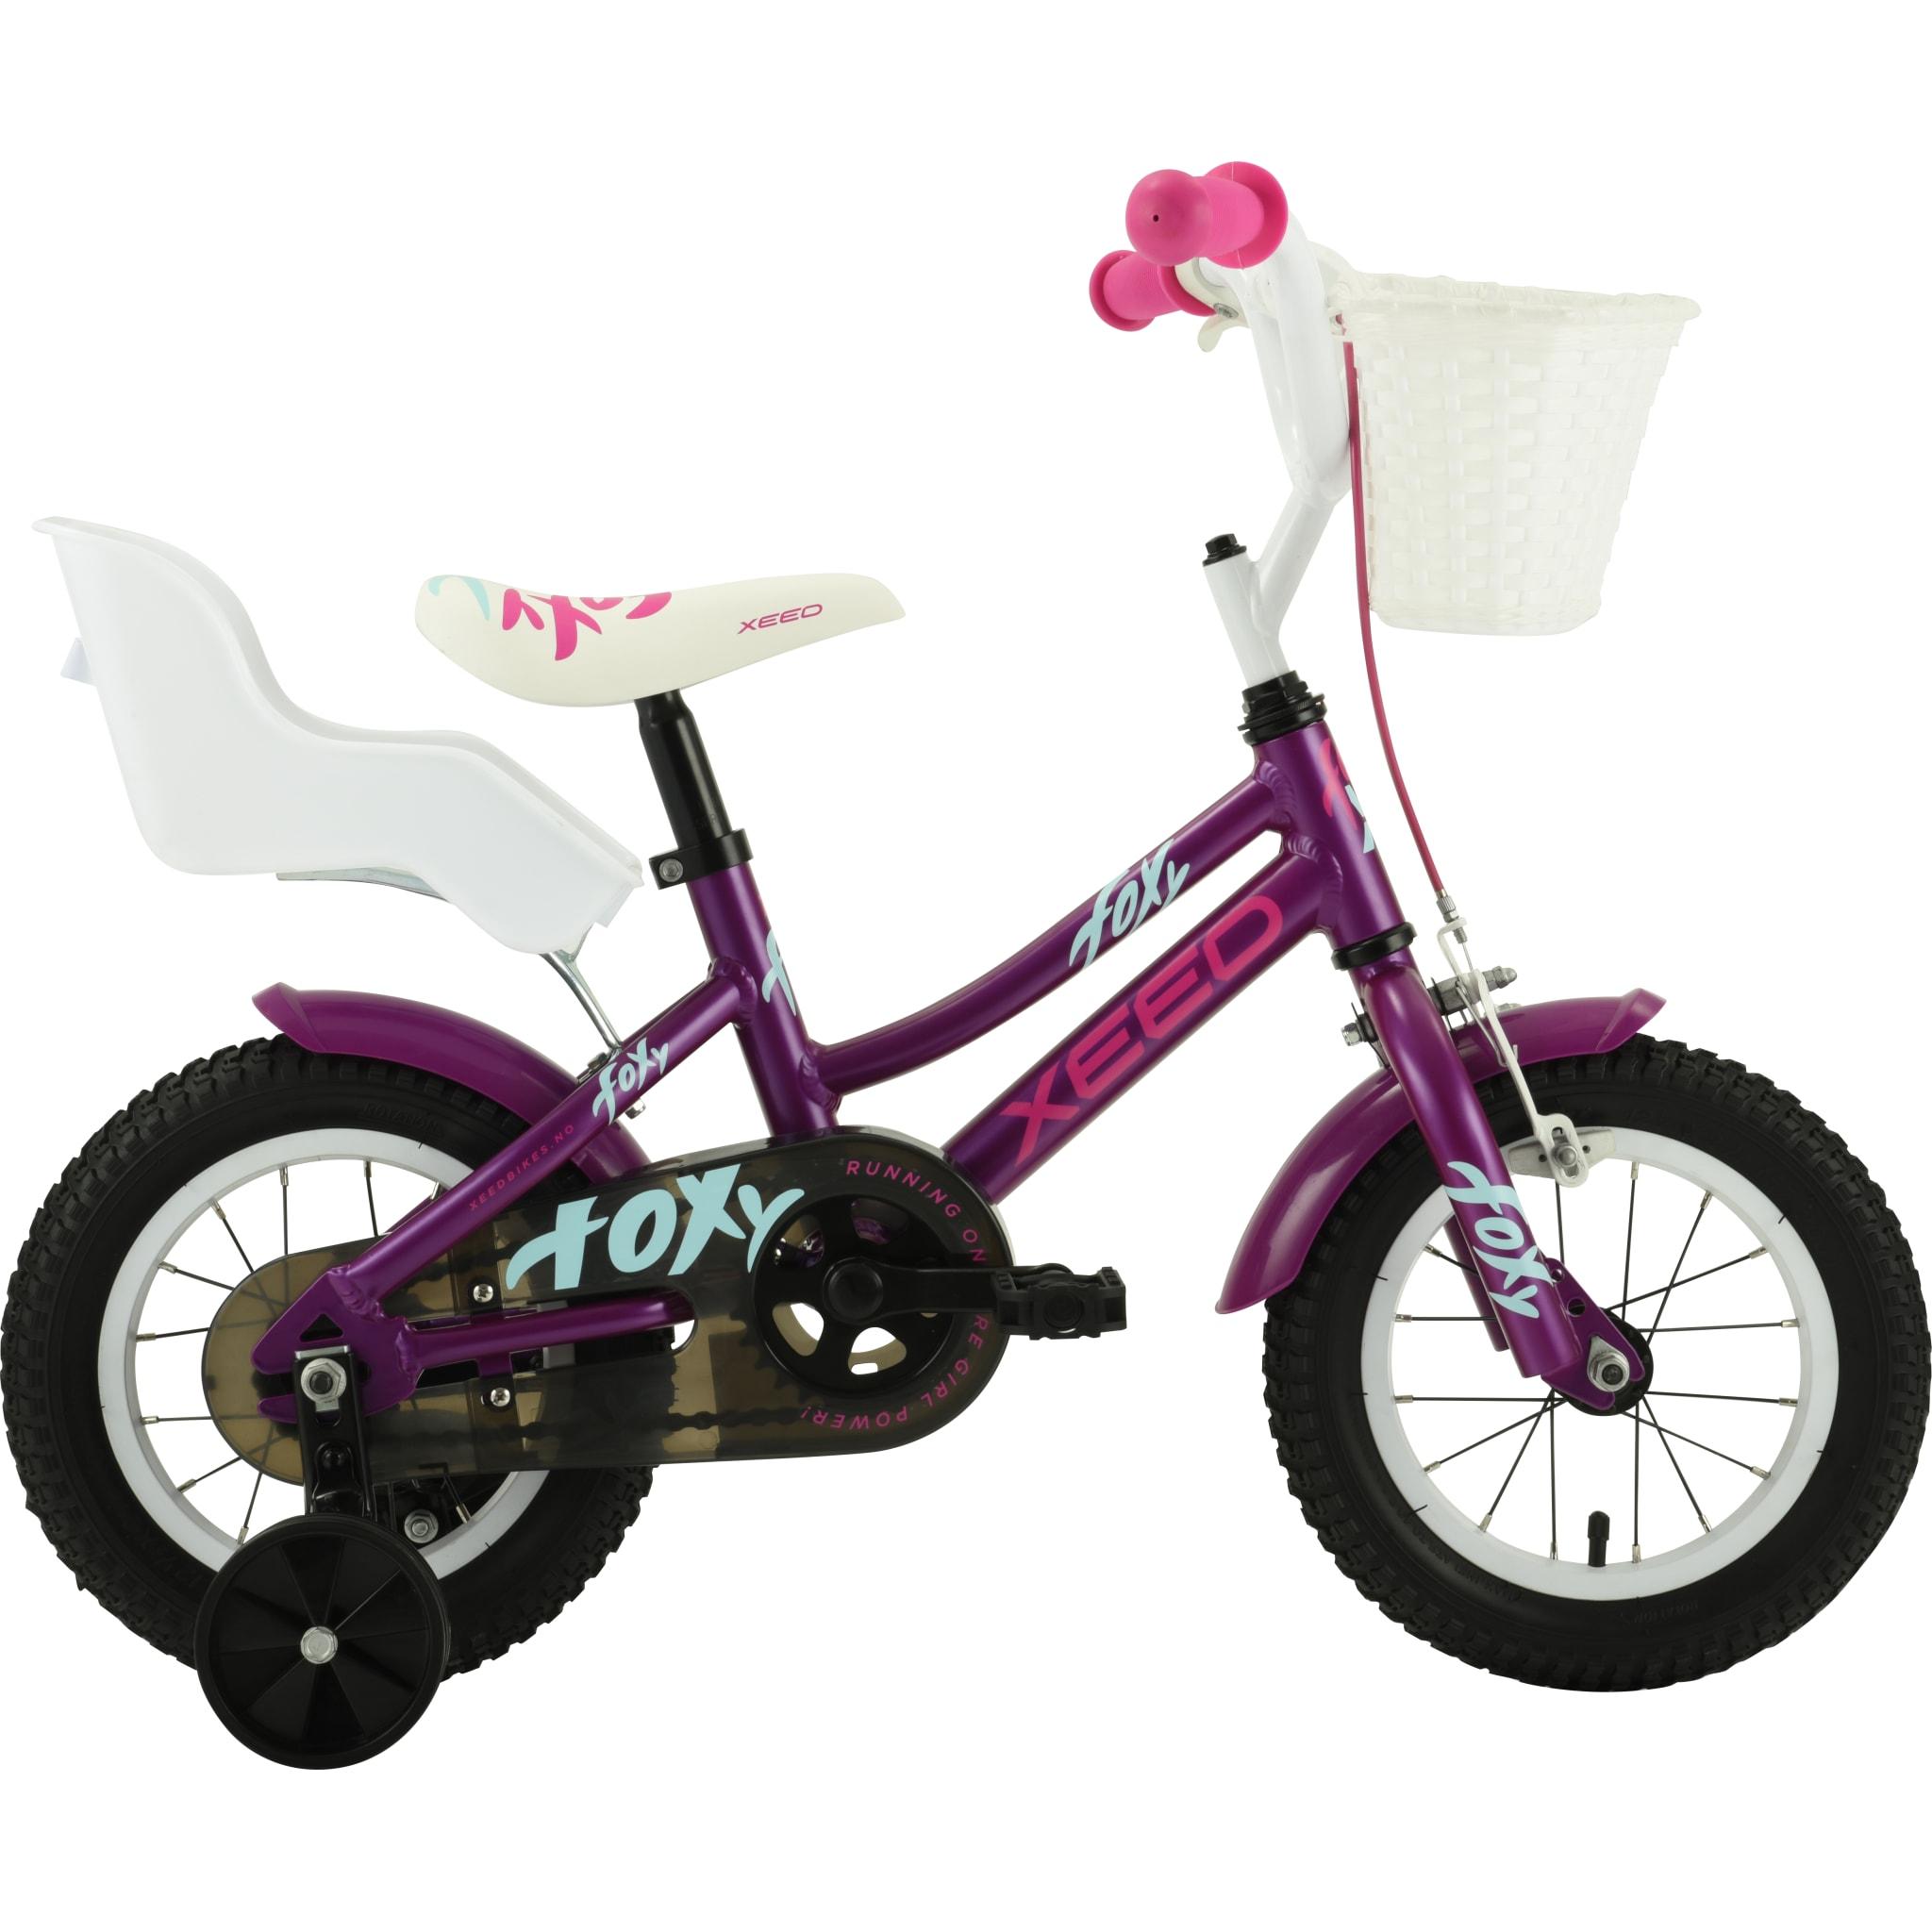 Sykkelen som er en liten diva verdig!